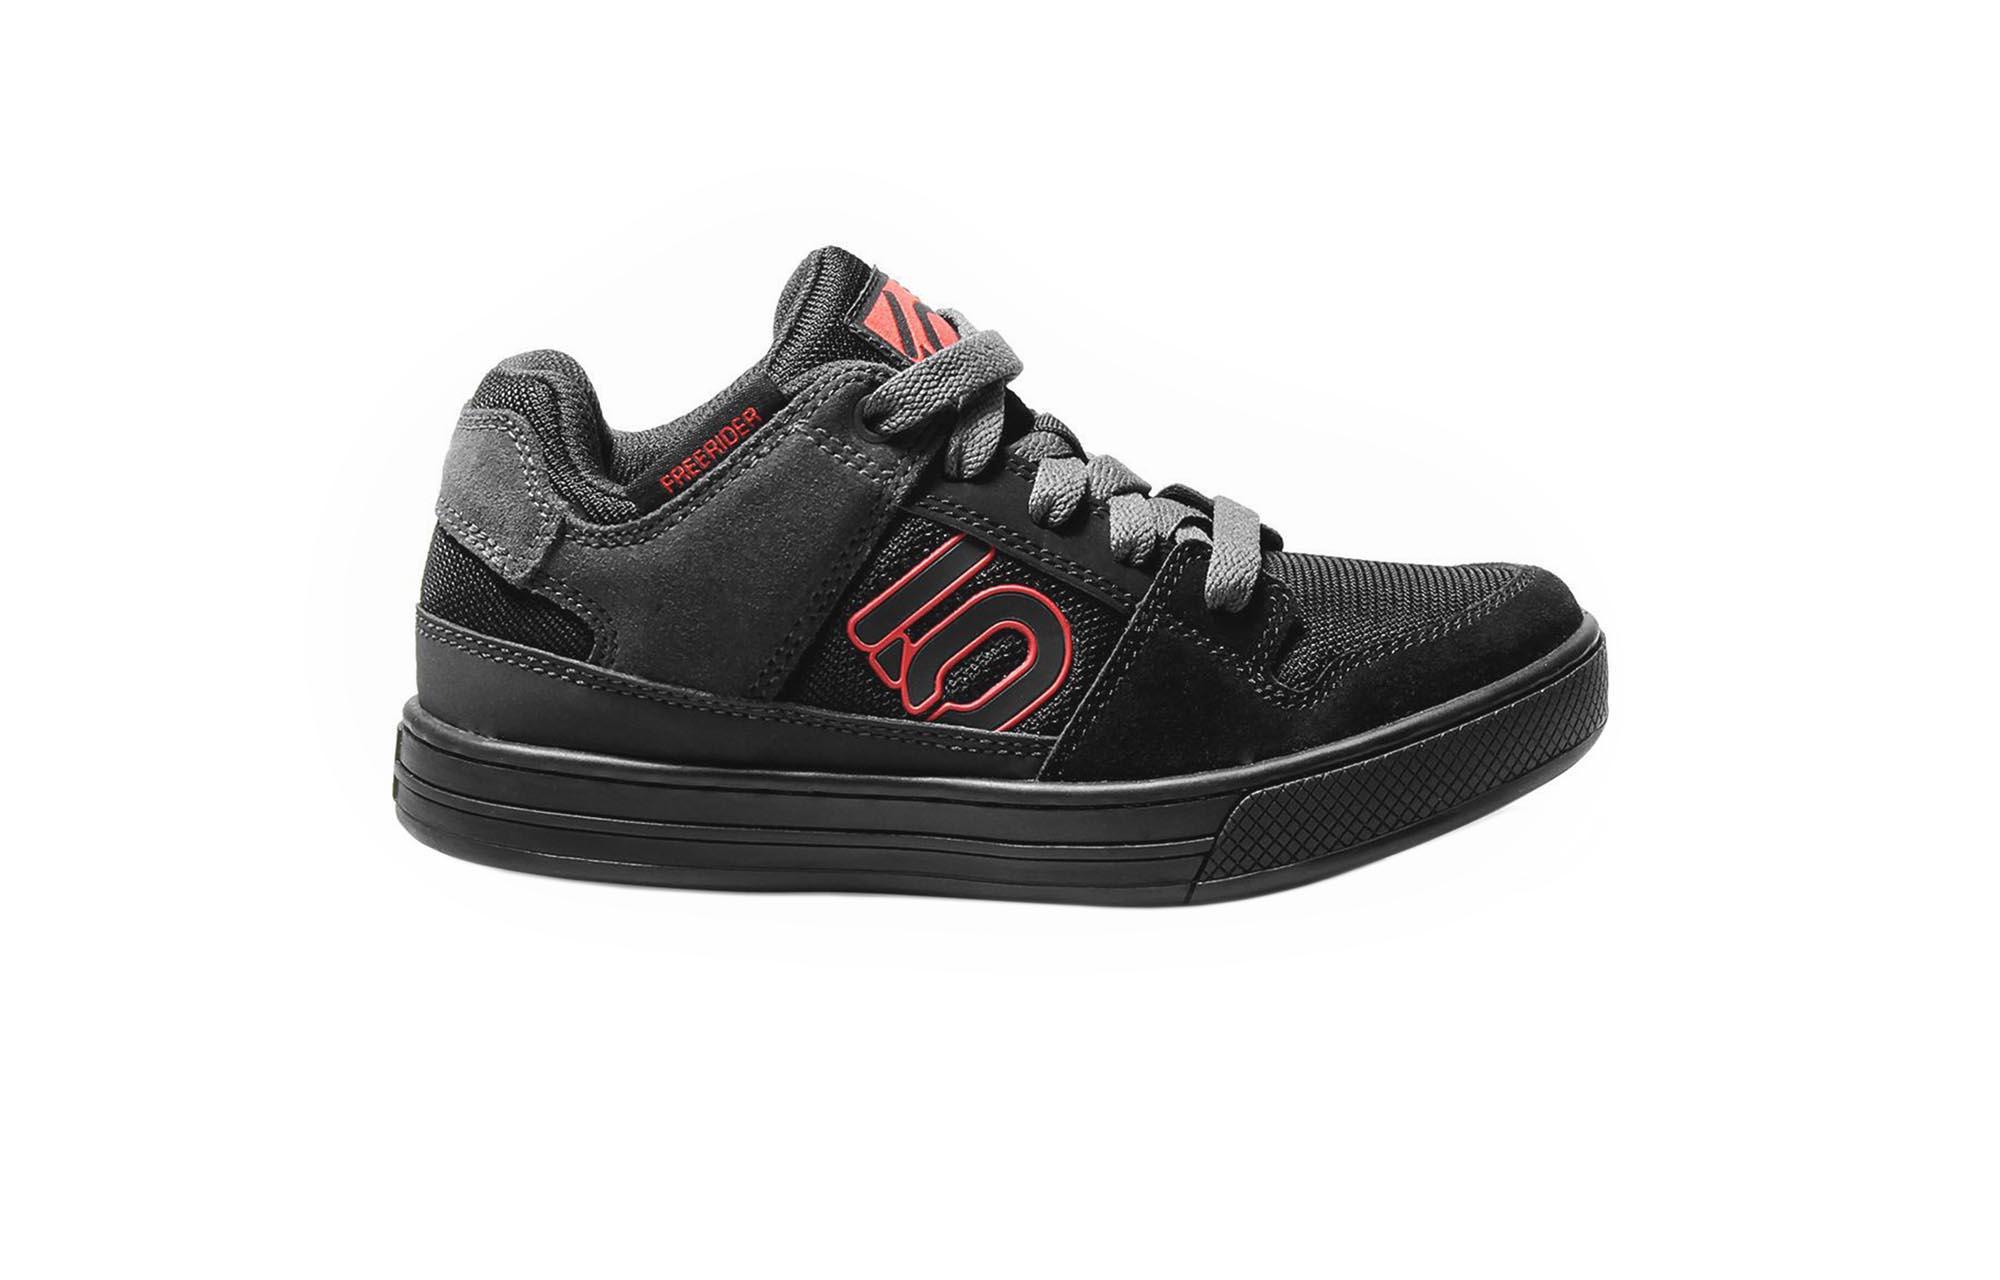 34 EU Chaussures Five Ten noires enfant Dr. Martens Combs II  36 EU  Chaussures de skateboard pour homme Marron chipmunk iron - Marron - chipmunk iron  Gris (Charbon) SUoIiv77